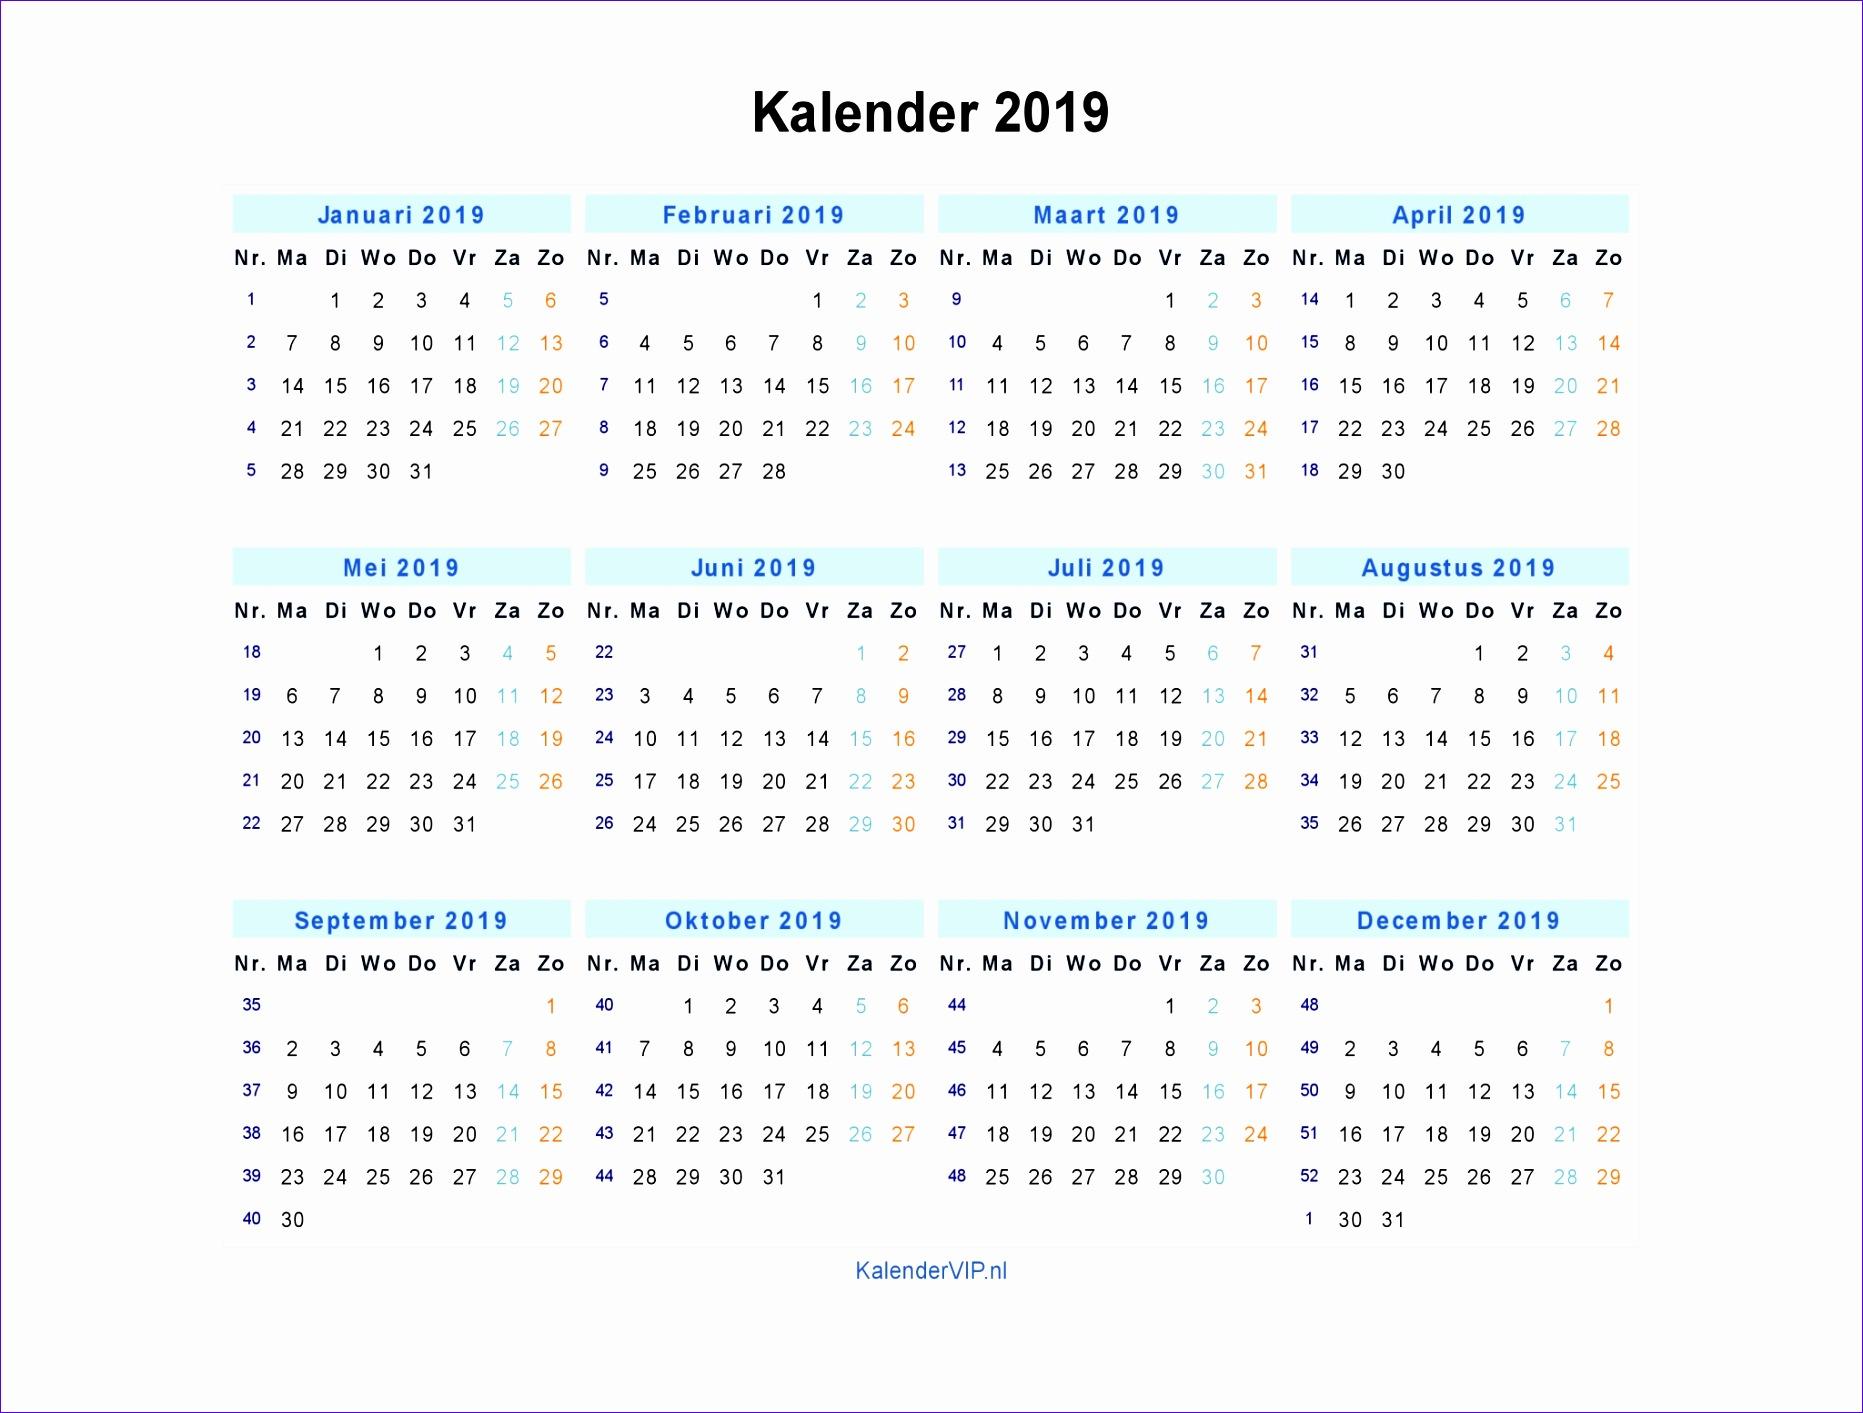 kalender 2019 jaarkalender en maandkalender 2019 met weeknummers en 18631413